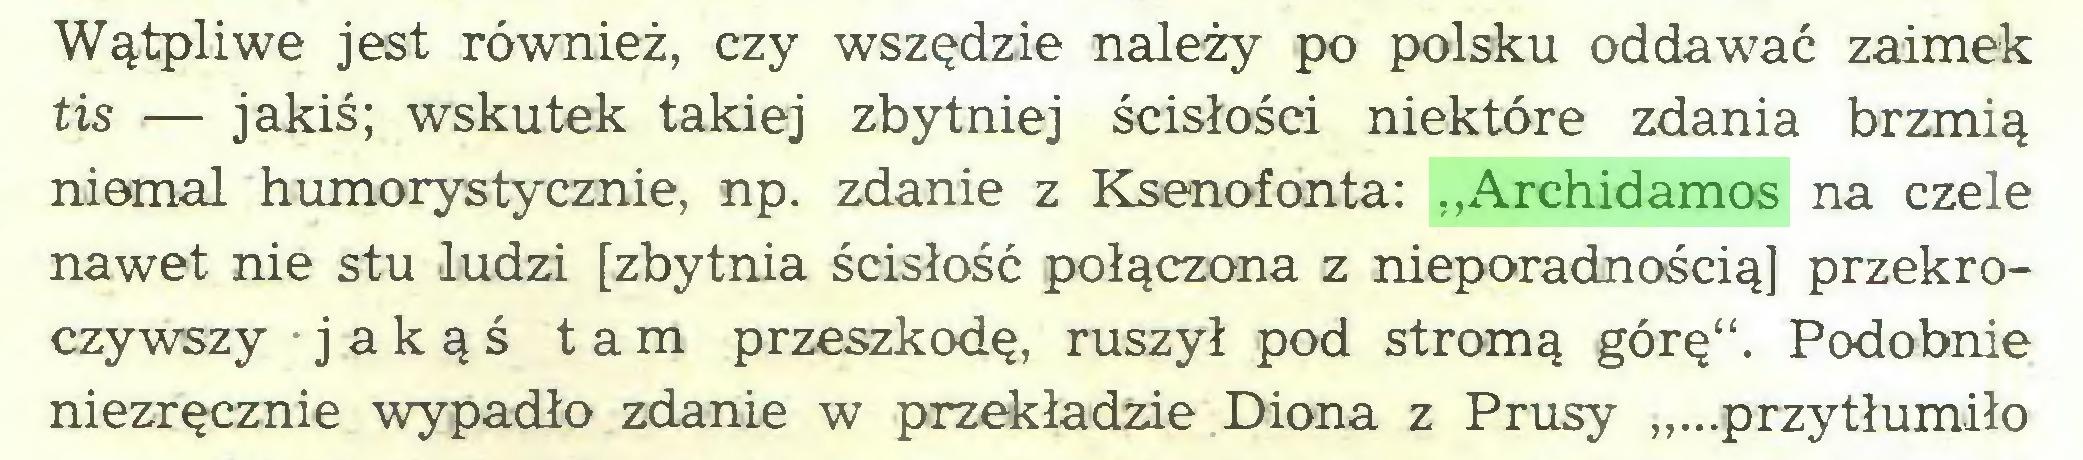 """(...) Wątpliwe jest również, czy wszędzie należy po polsku oddawać zaimek tis — jakiś; wskutek takiej zbytniej ścisłości niektóre zdania brzmią niemal humorystycznie, np. zdanie z Ksenofonta: """"Archidamos na czele nawet nie stu ludzi [zbytnia ścisłość połączona z nieporadnością] przekroczywszy jakąś tam przeszkodę, ruszył pod stromą górę"""". Podobnie niezręcznie wypadło zdanie w przekładzie Diona z Prusy """"...przytłumiło..."""